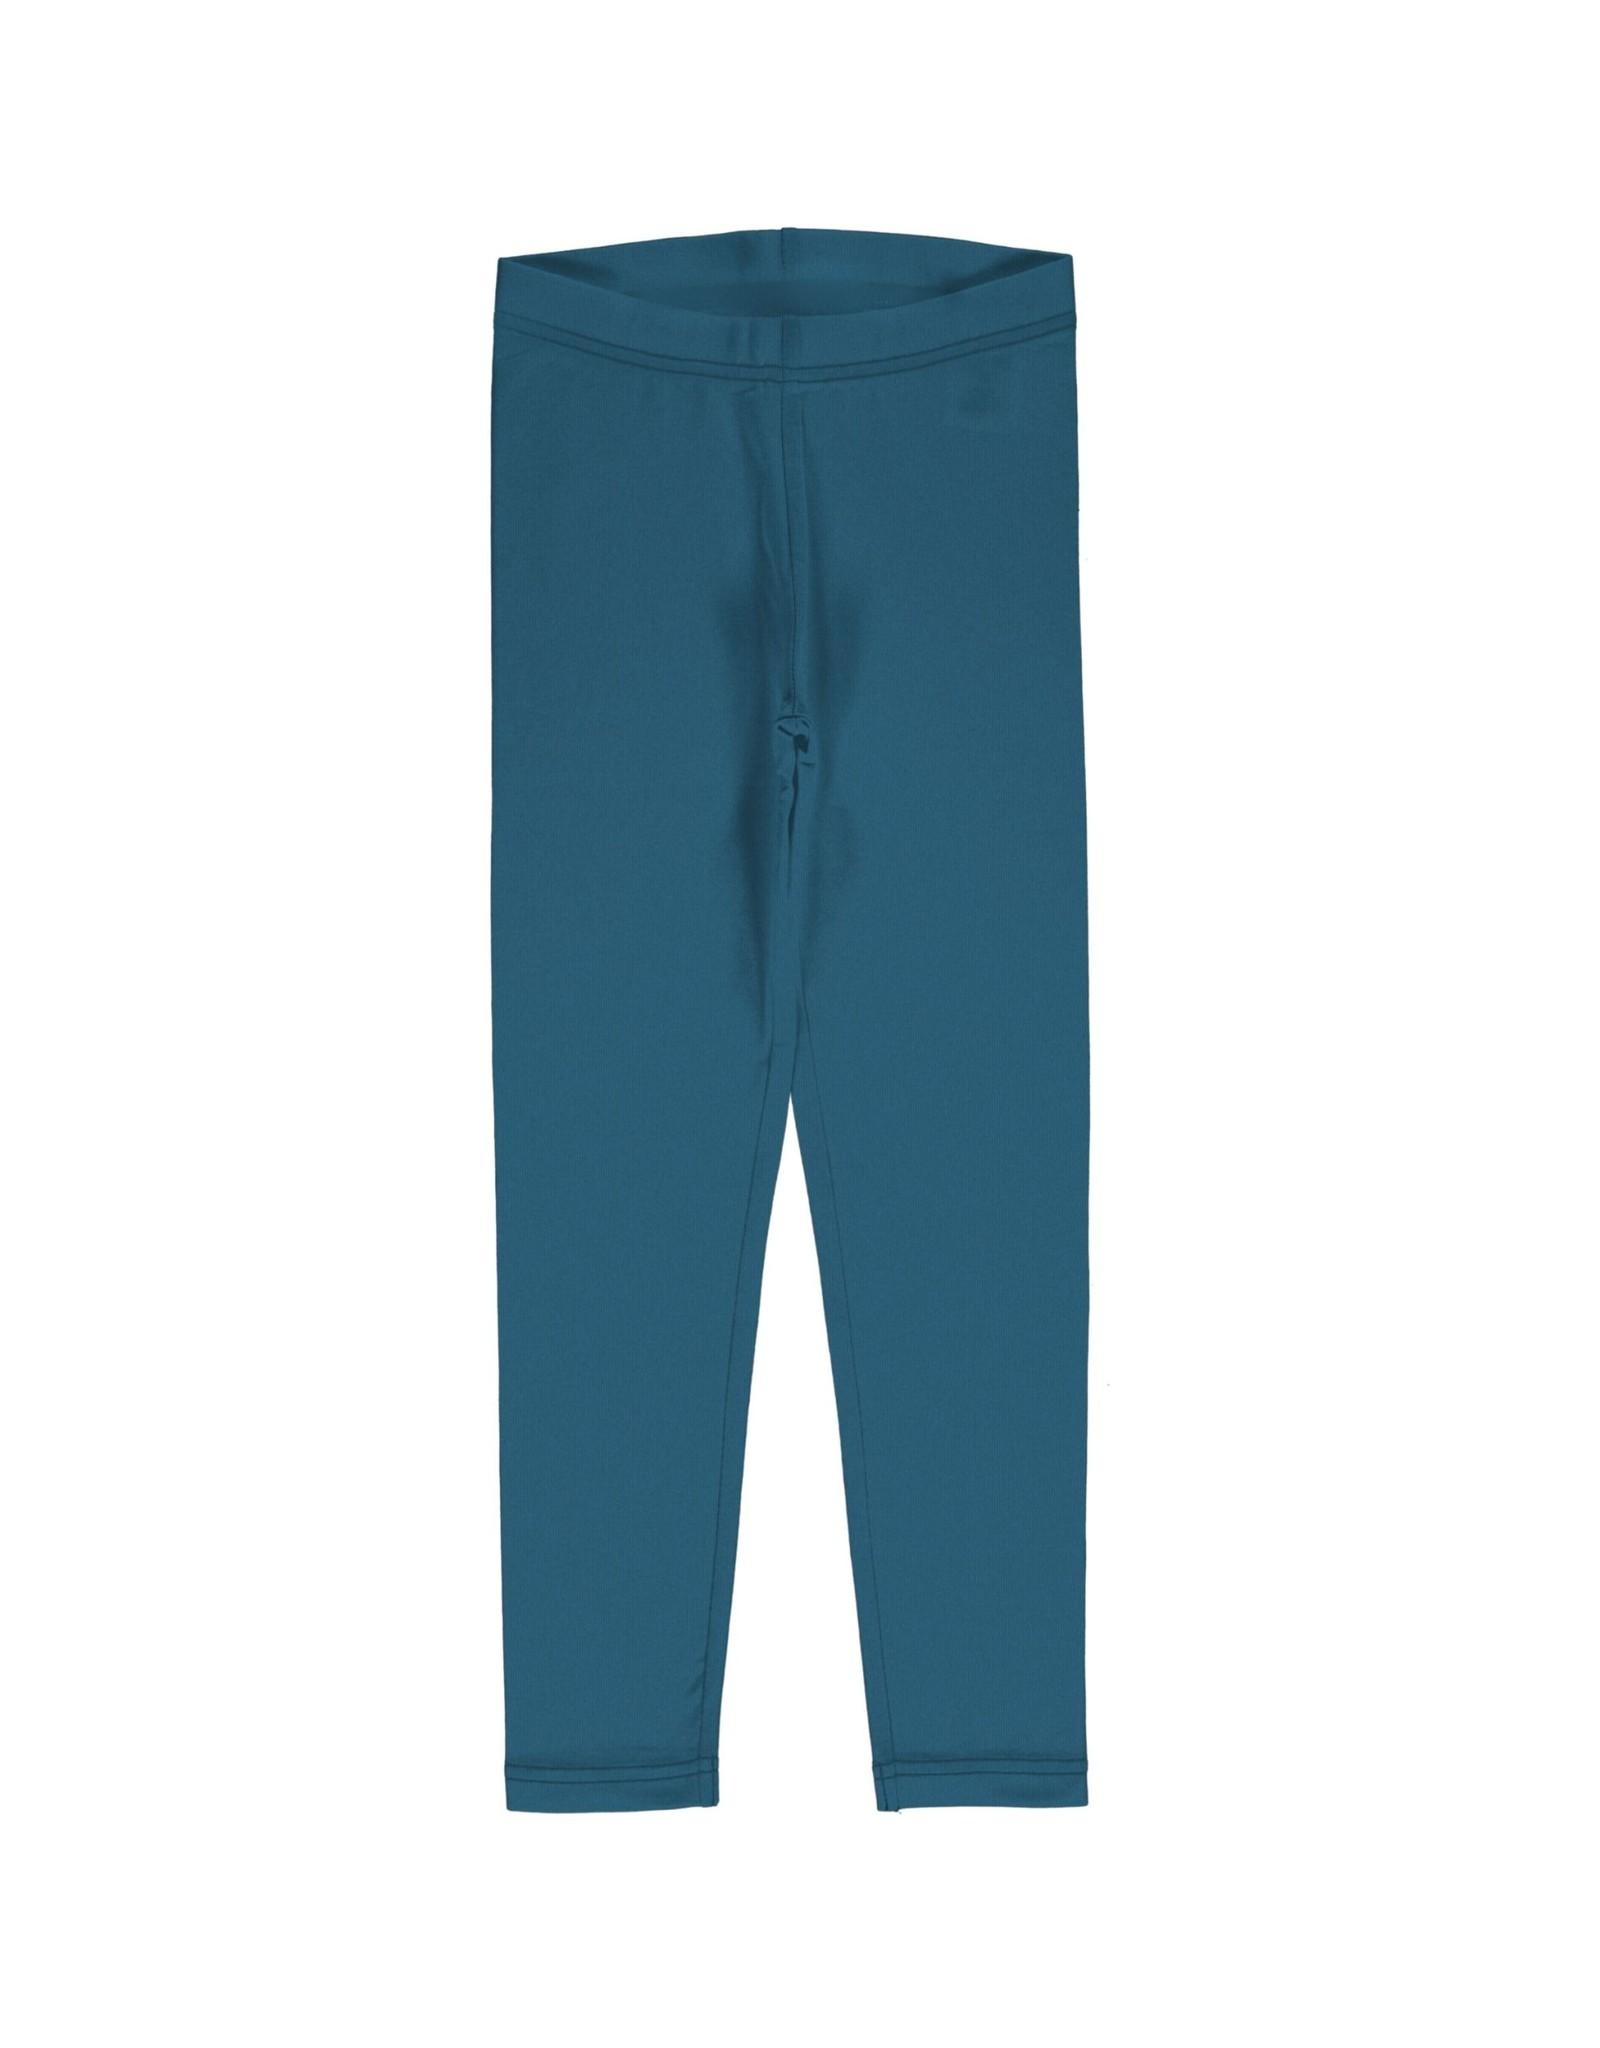 Meyadey Leggings DEEP WATER blauwe kleur